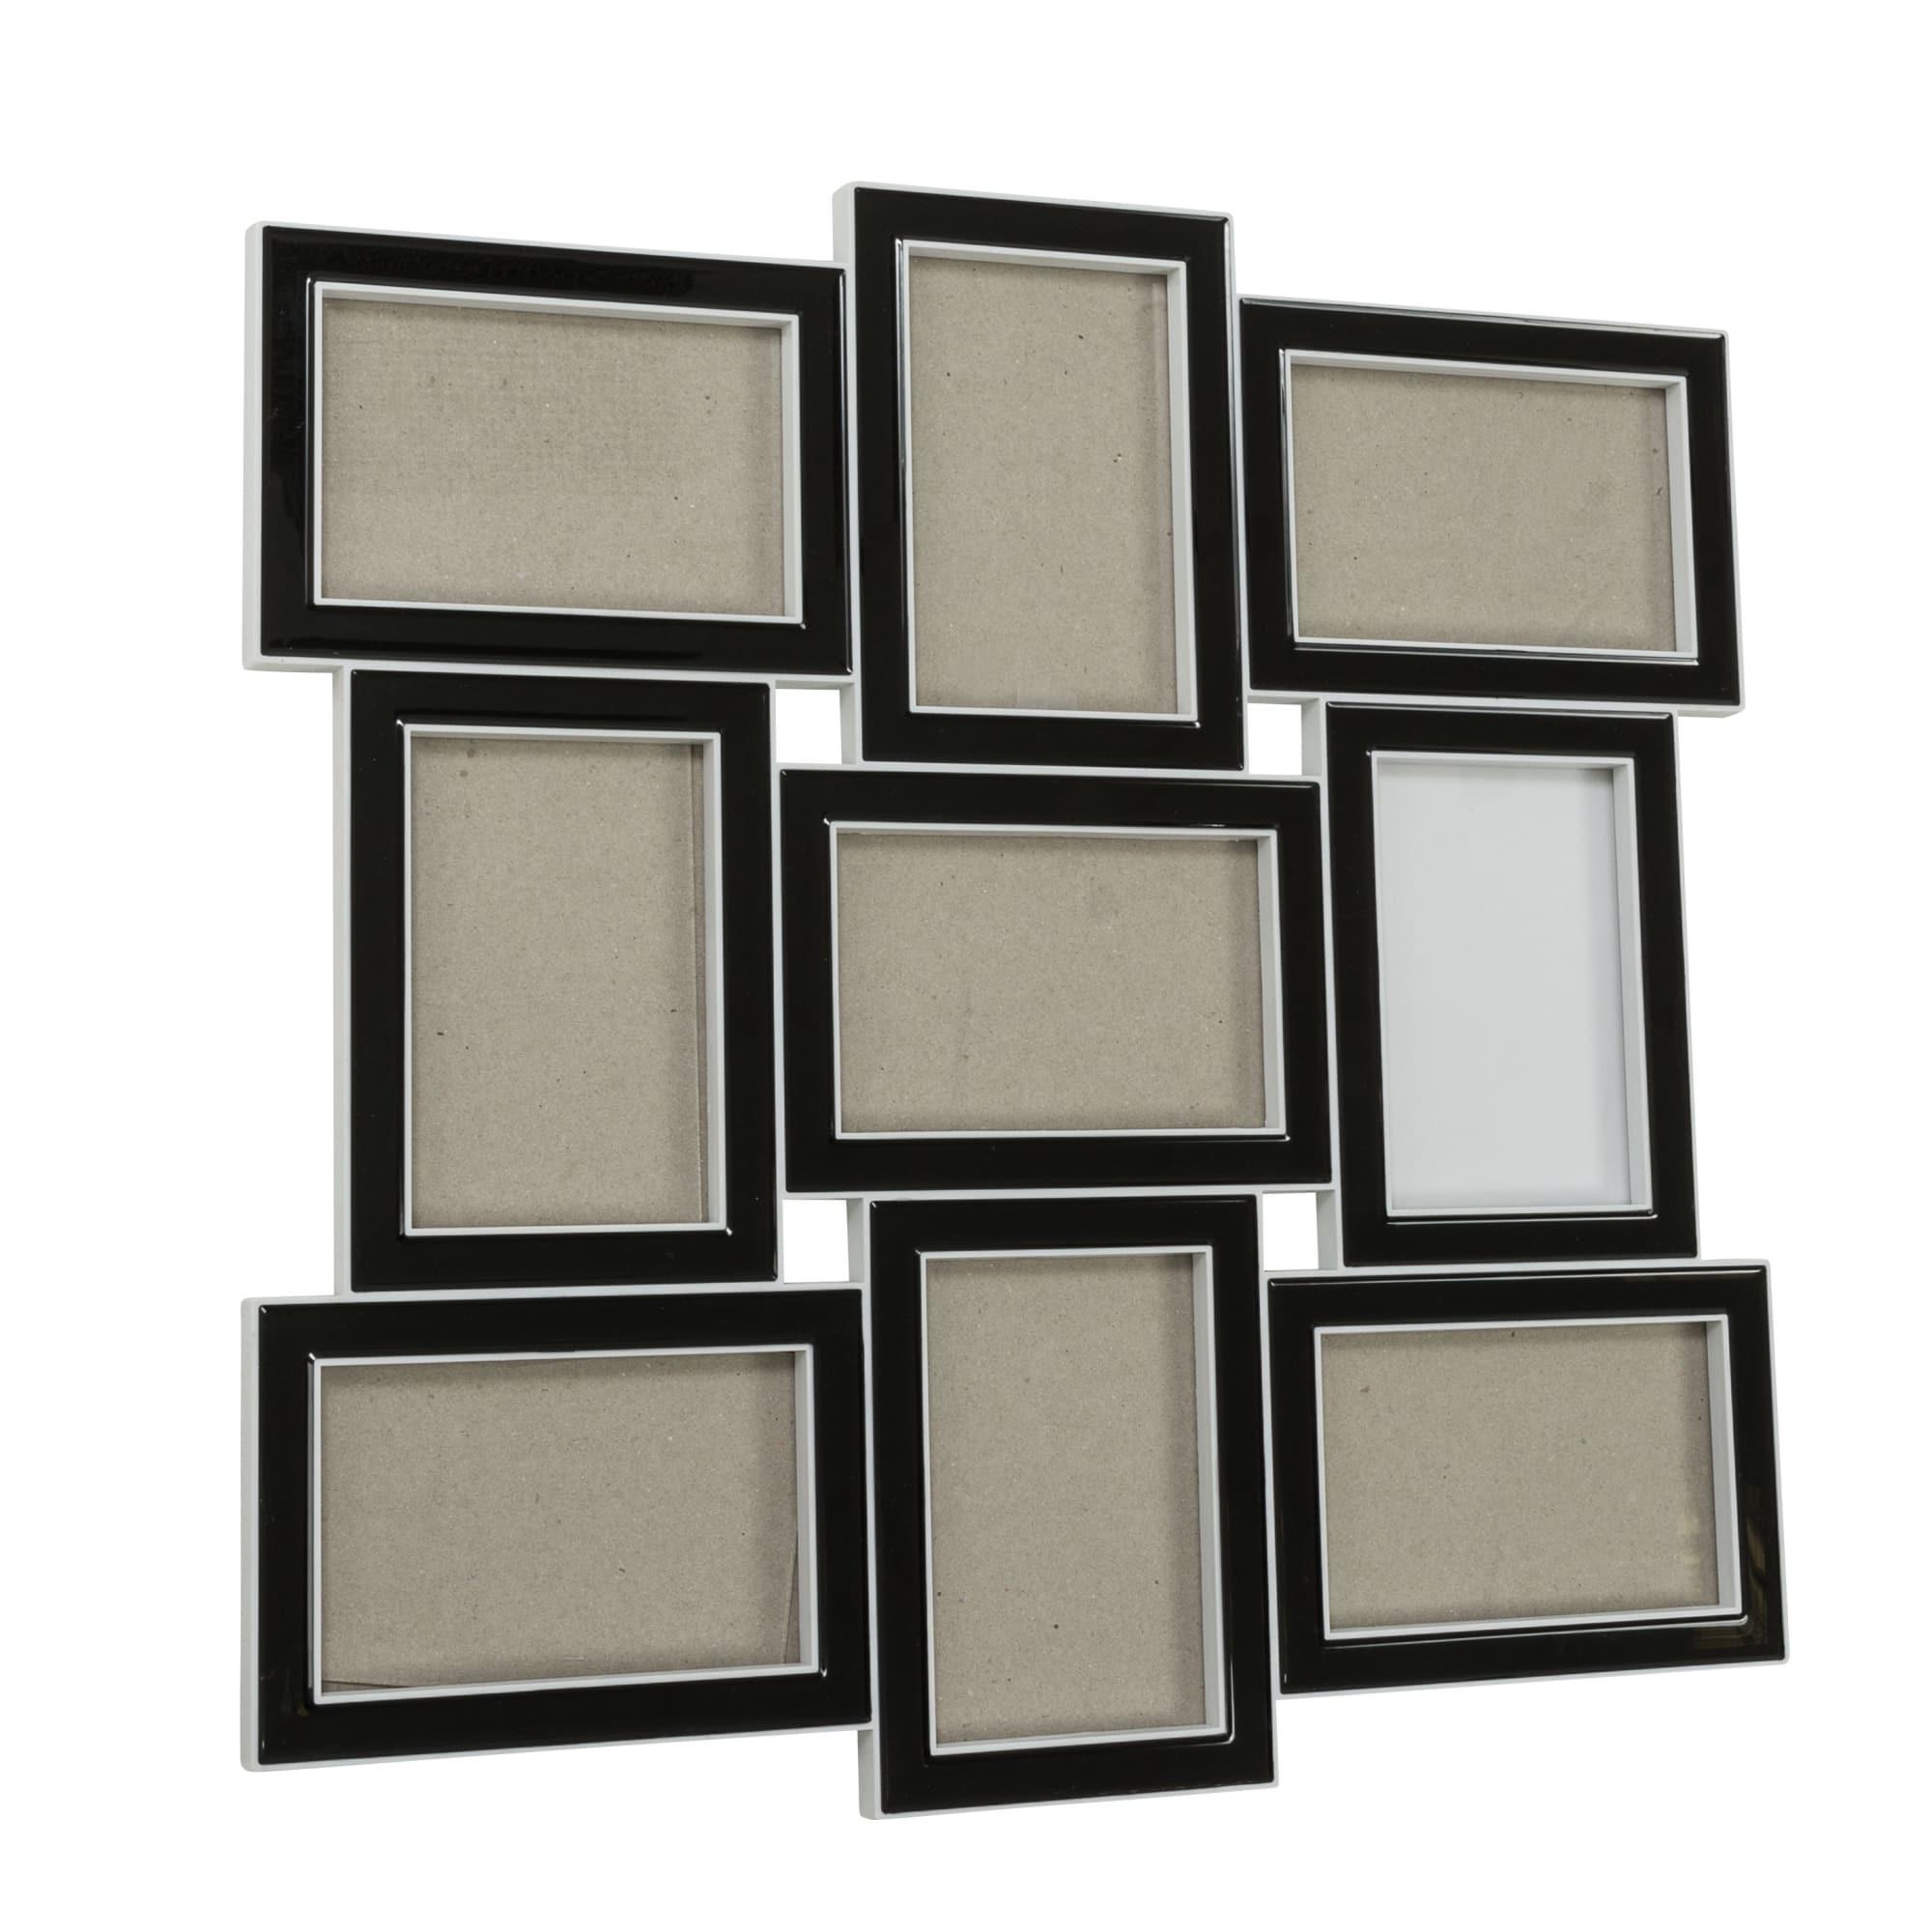 Bilderrahmen Modern Black, Fotogalerie für 9 Bilder, ca.48 x 48 cm